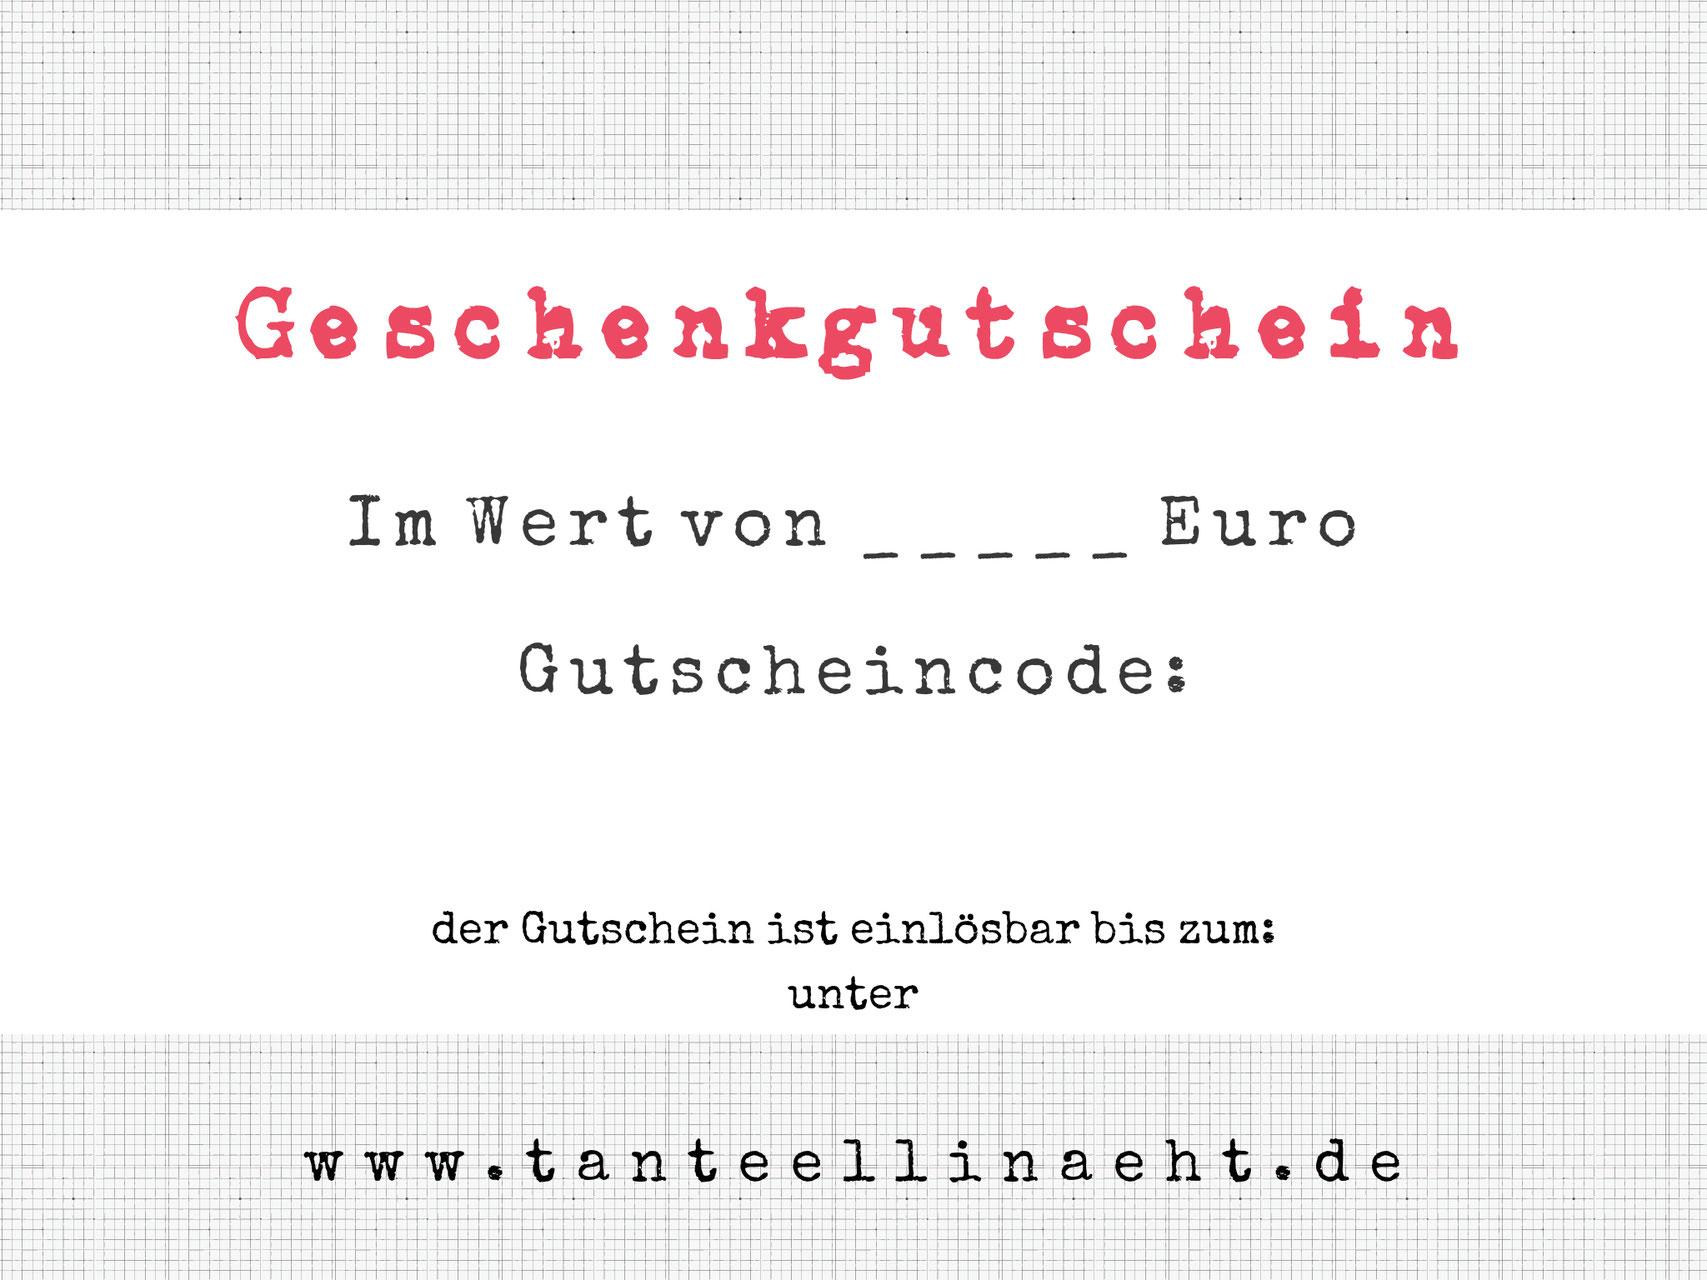 Gutscheine - tanteellinaehts Webseite!